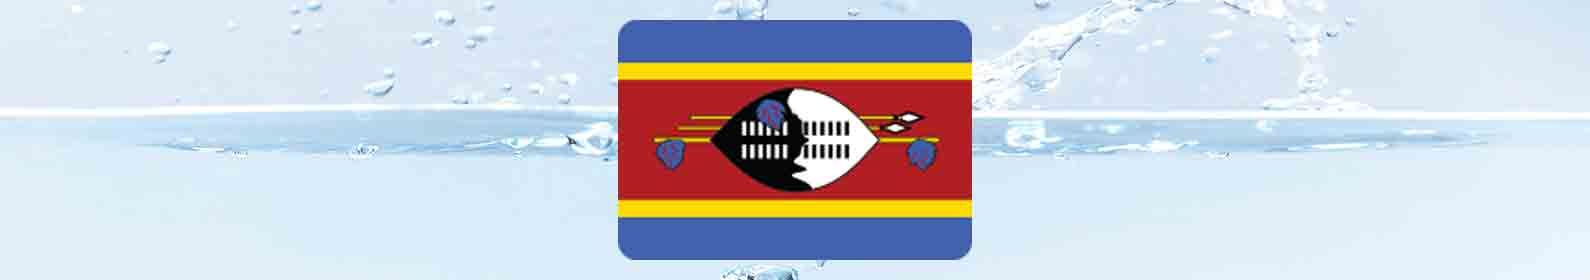 tratamento-de-agua-suazilandia.jpg